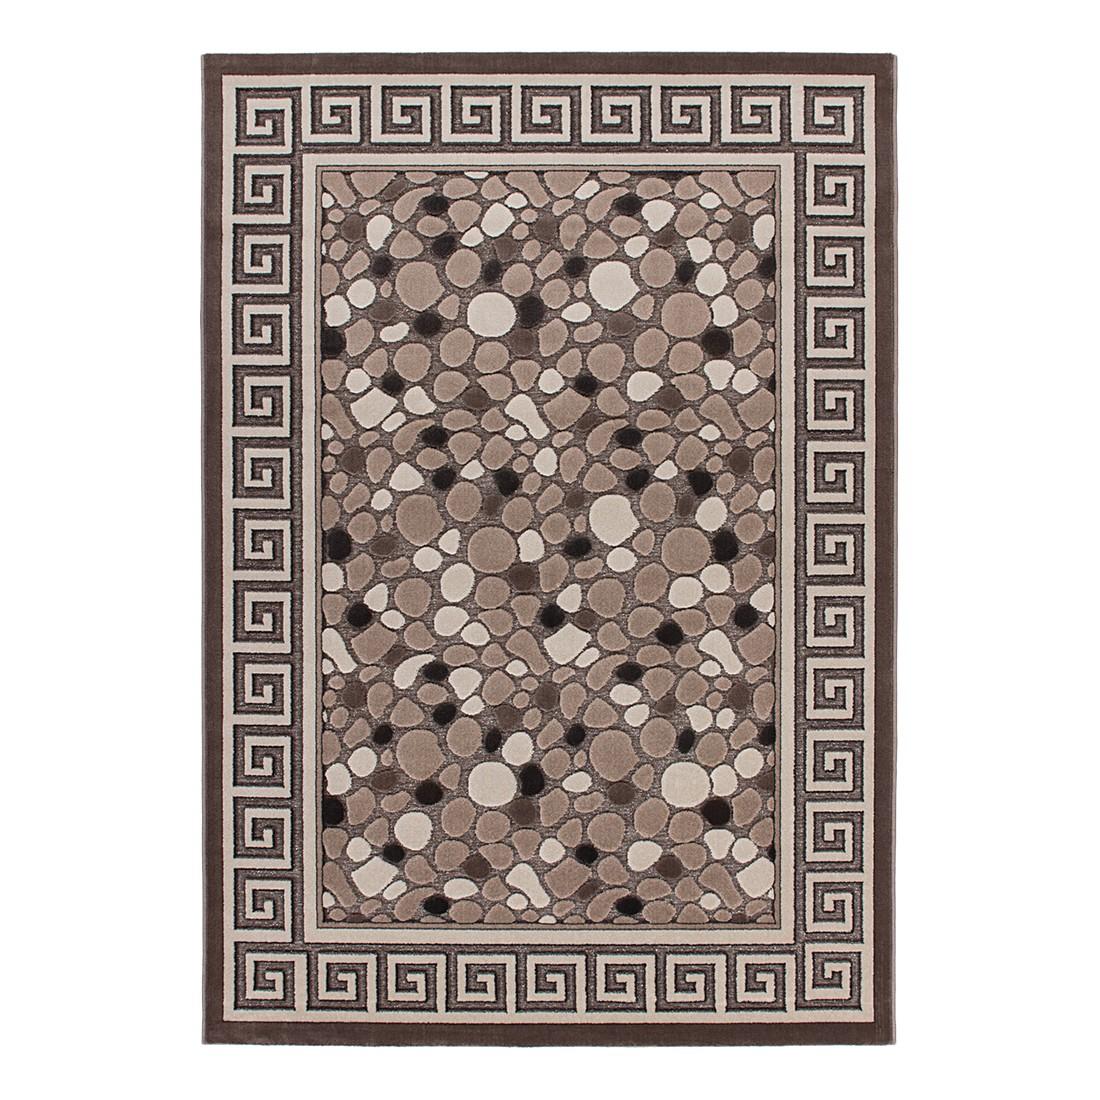 Teppich Turkey – Izmir – Beige – 80 x 150 cm, Kayoom jetzt kaufen